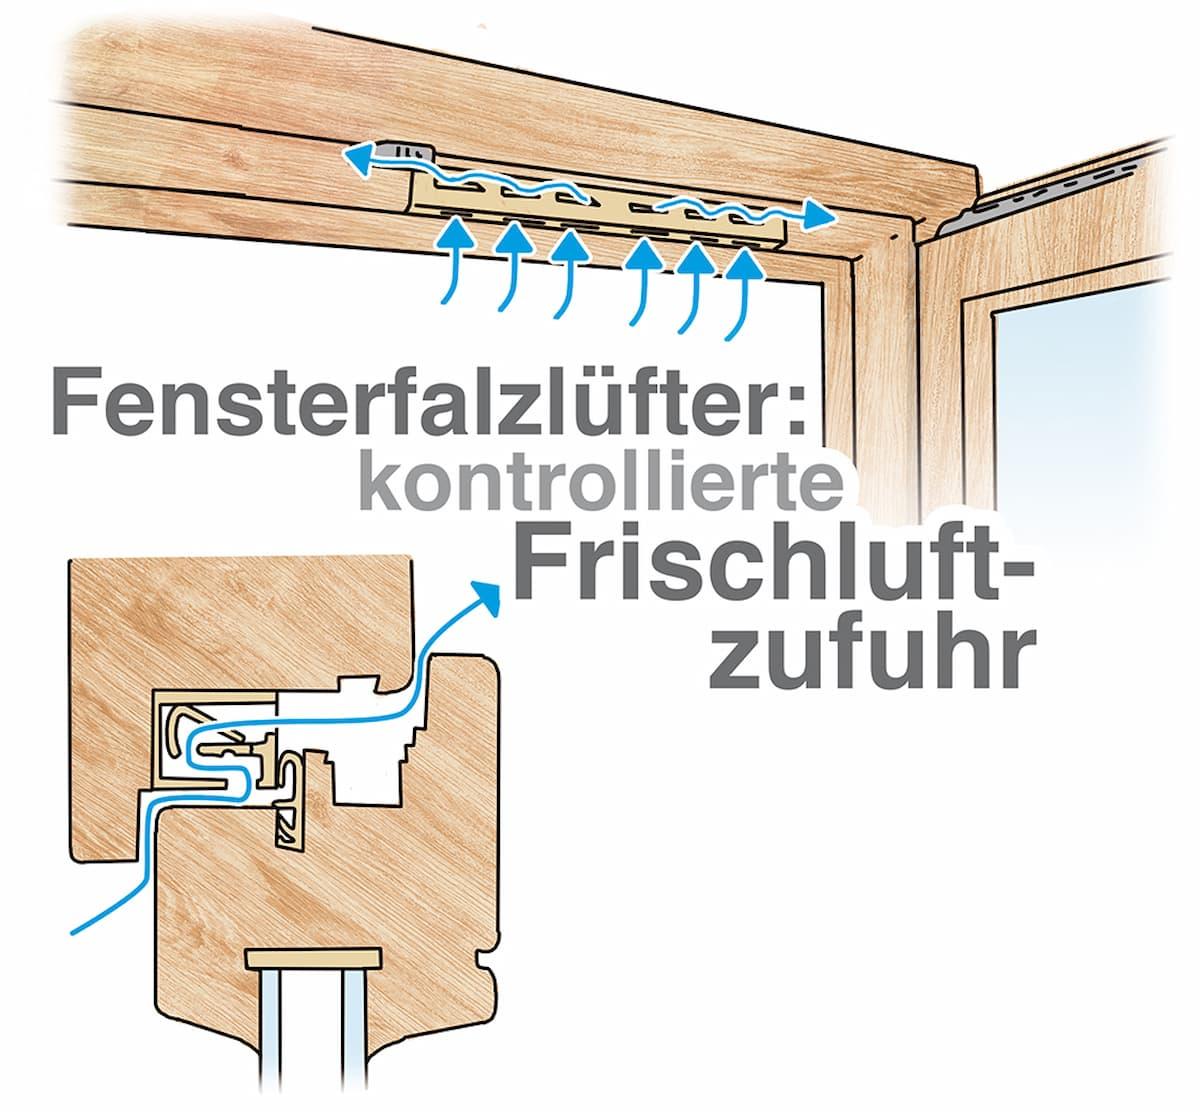 Fensterfalzlüfter: Kontrollierte Frischluftzufuhr